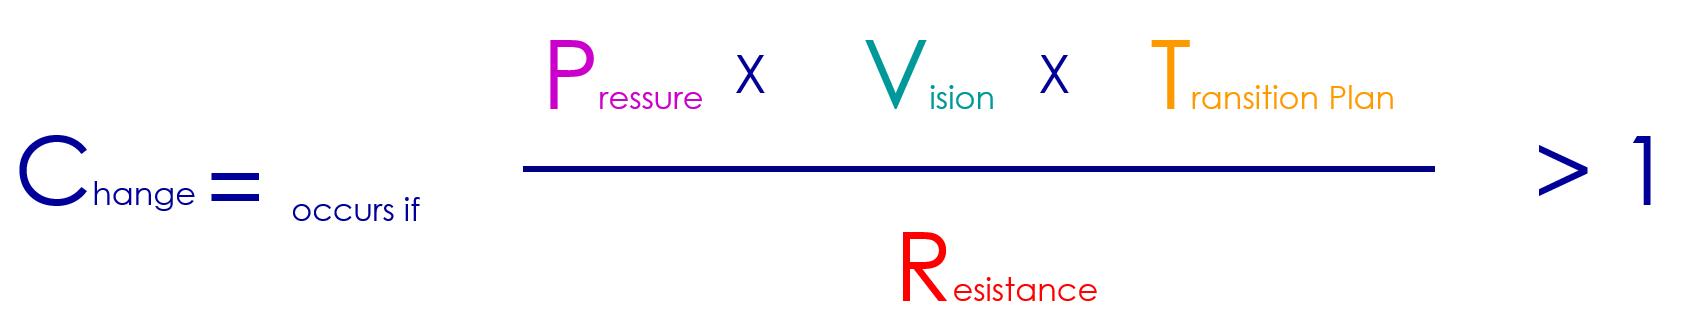 Wandel gelingt, wenn die subjektiv empfundene Notwendigkeit des Wandels, die Klarheit und Attraktivität der Vision und die Qualität des Umsetzungsplans in ihrem Produkt größer sind als der Widerstand gegen die Veränderung.